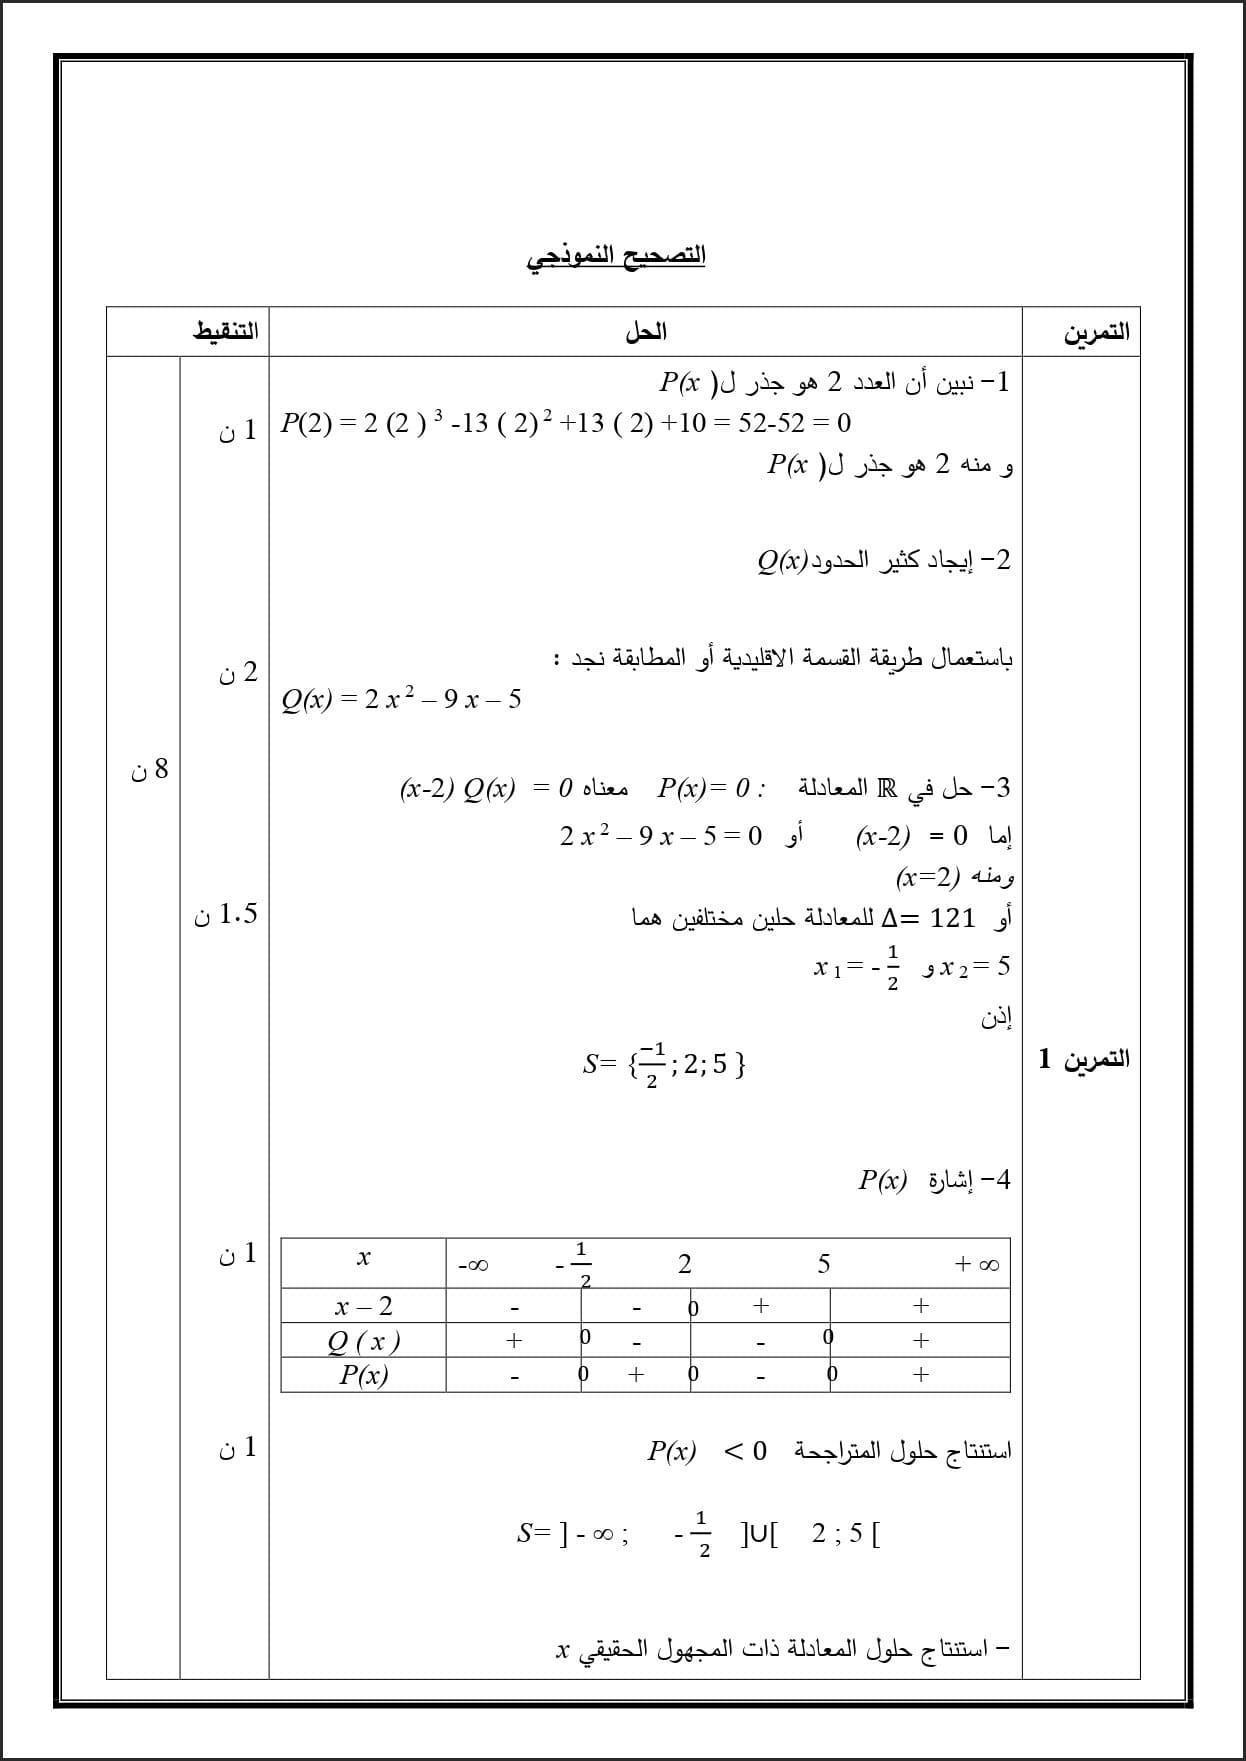 فرض الفصل الاول في مادة الرياضيات